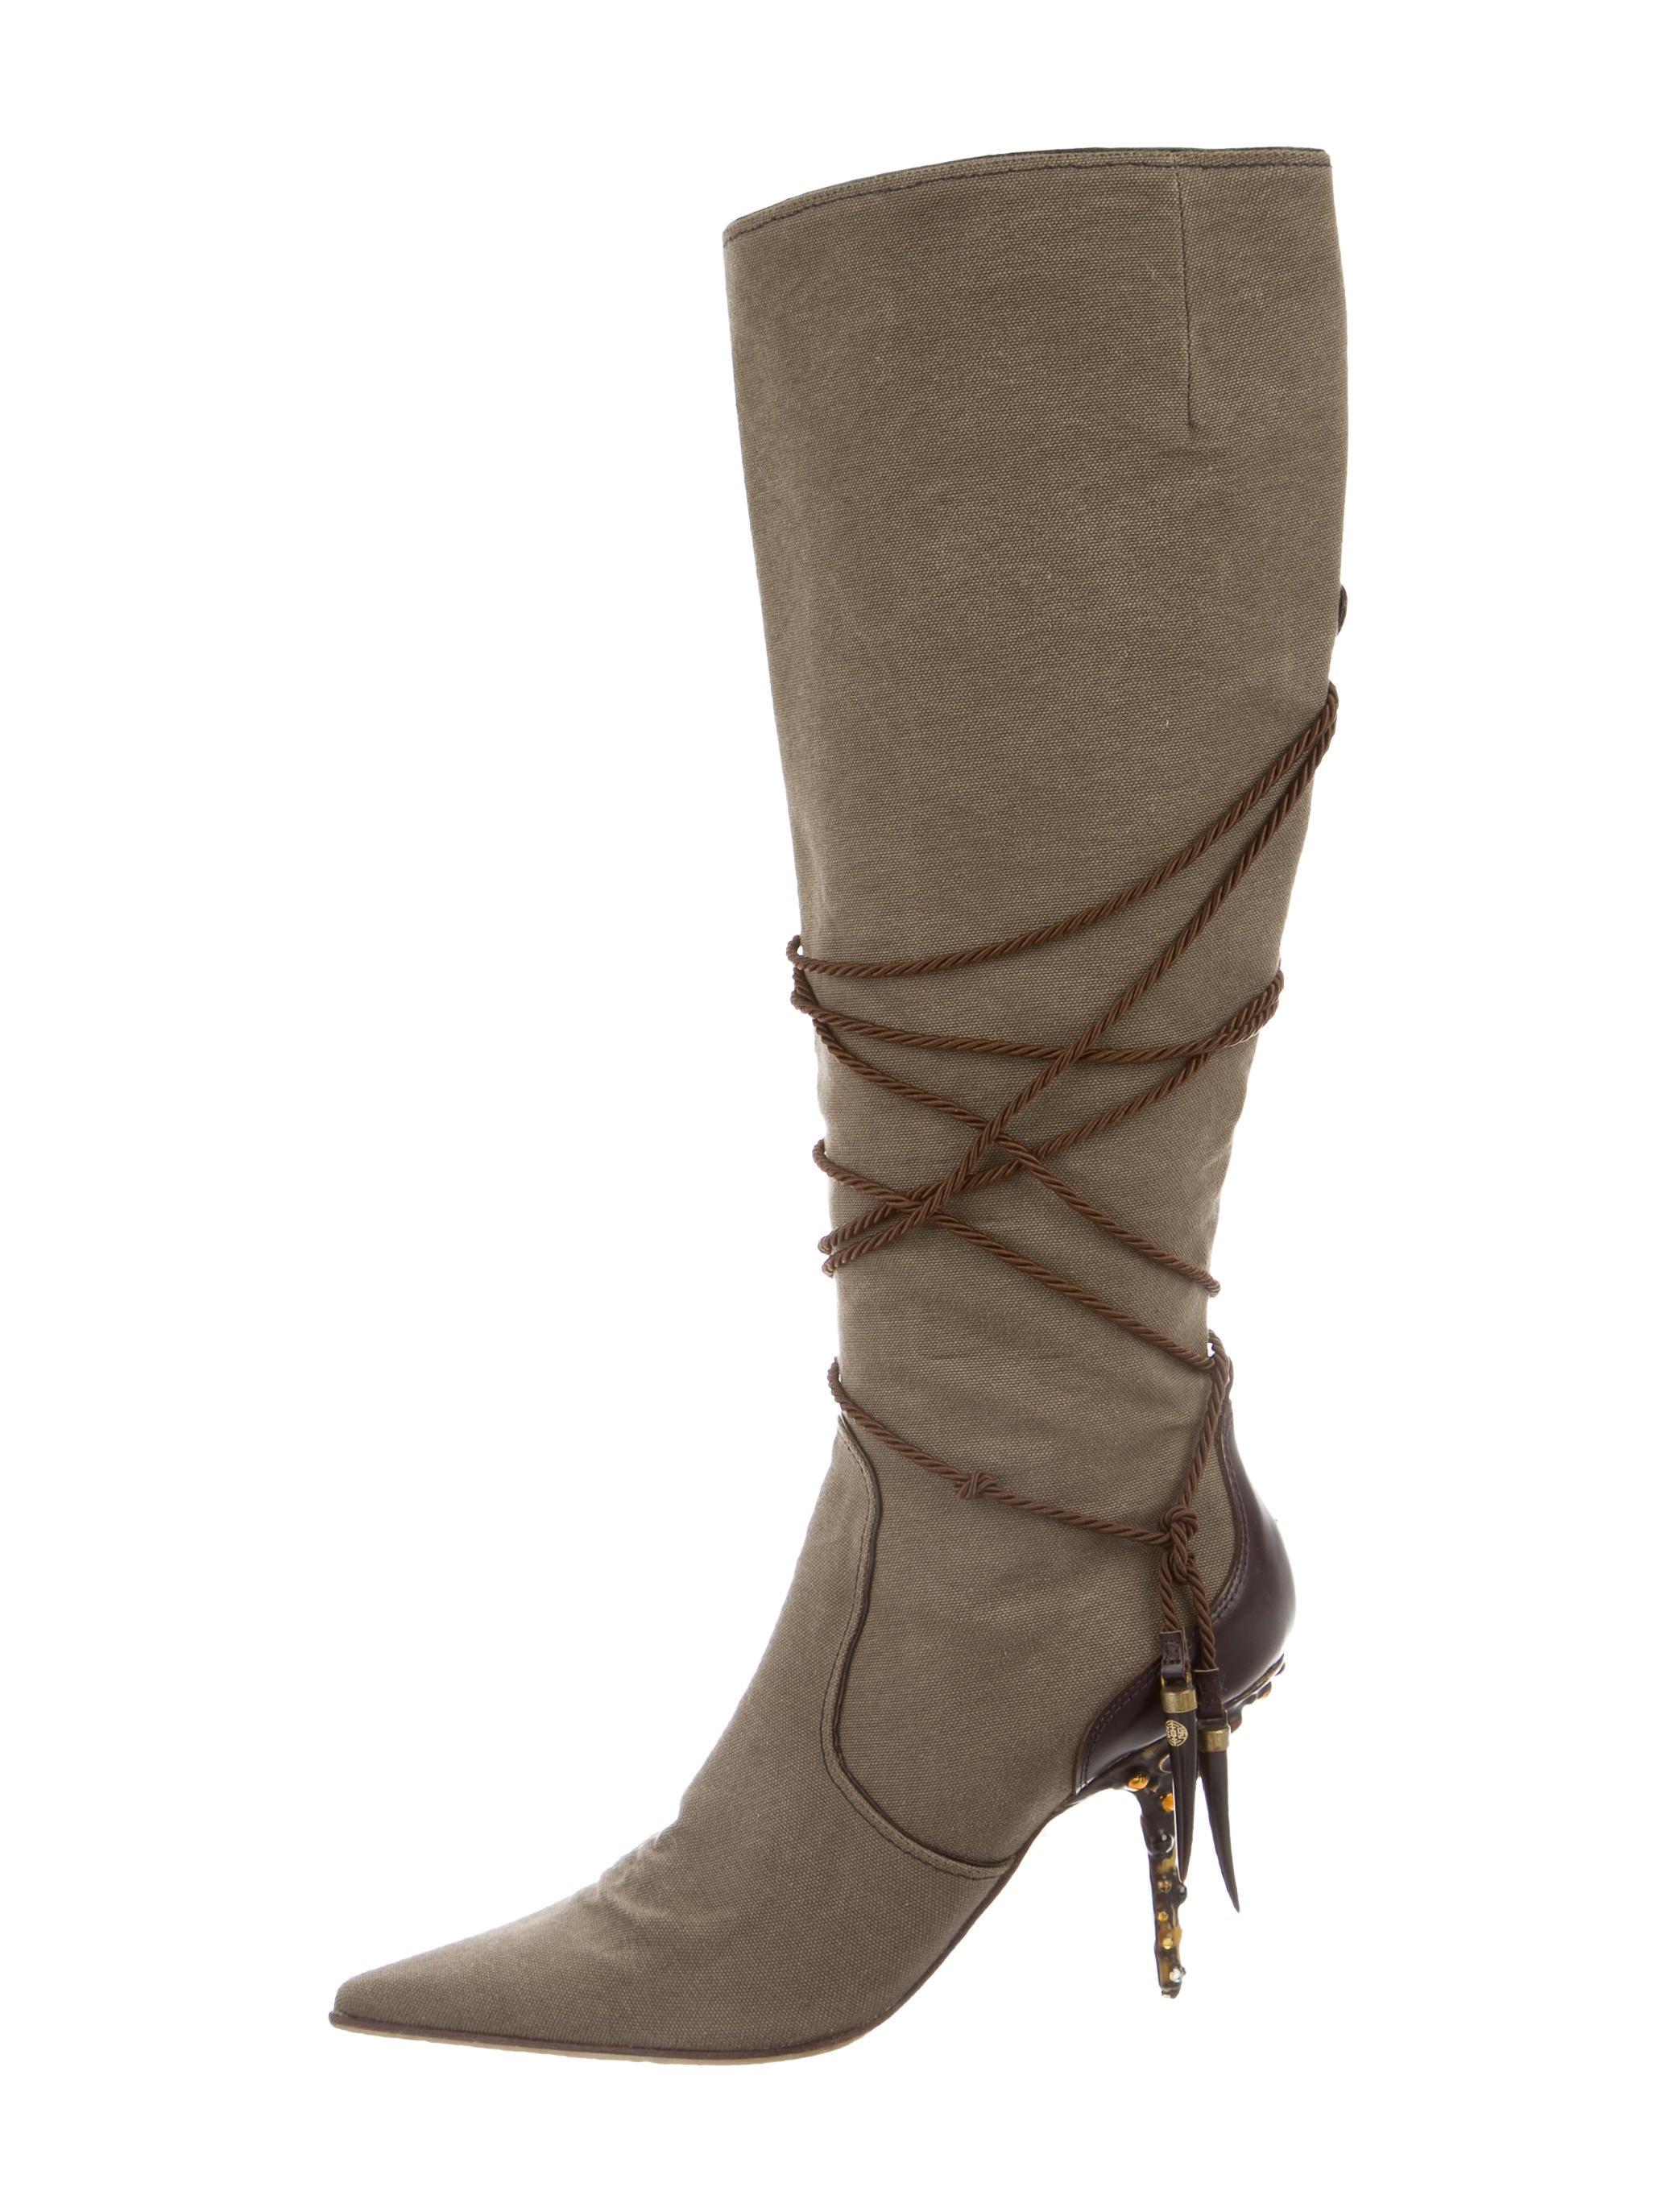 giuseppe zanotti canvas knee high boots shoes giu31736